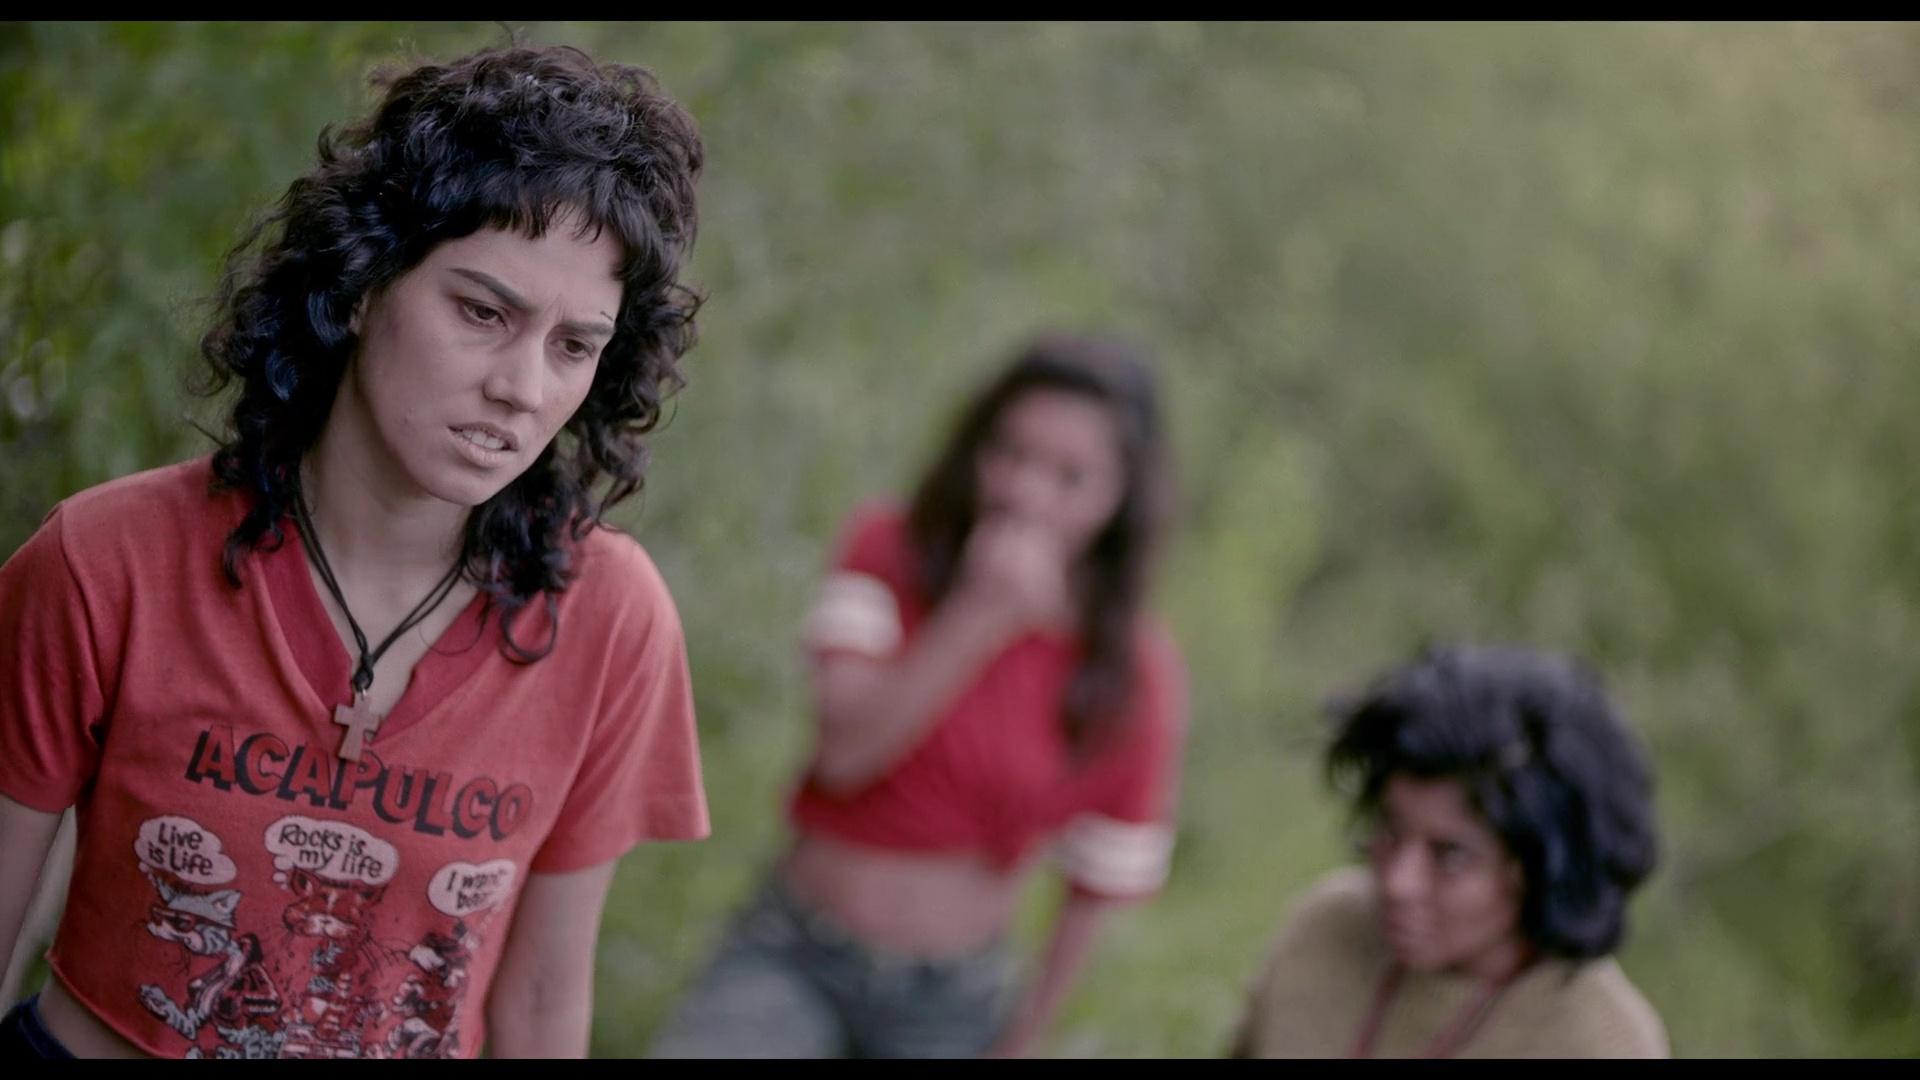 La diosa del asfalto (2020) 1080p WEB-DL Latino